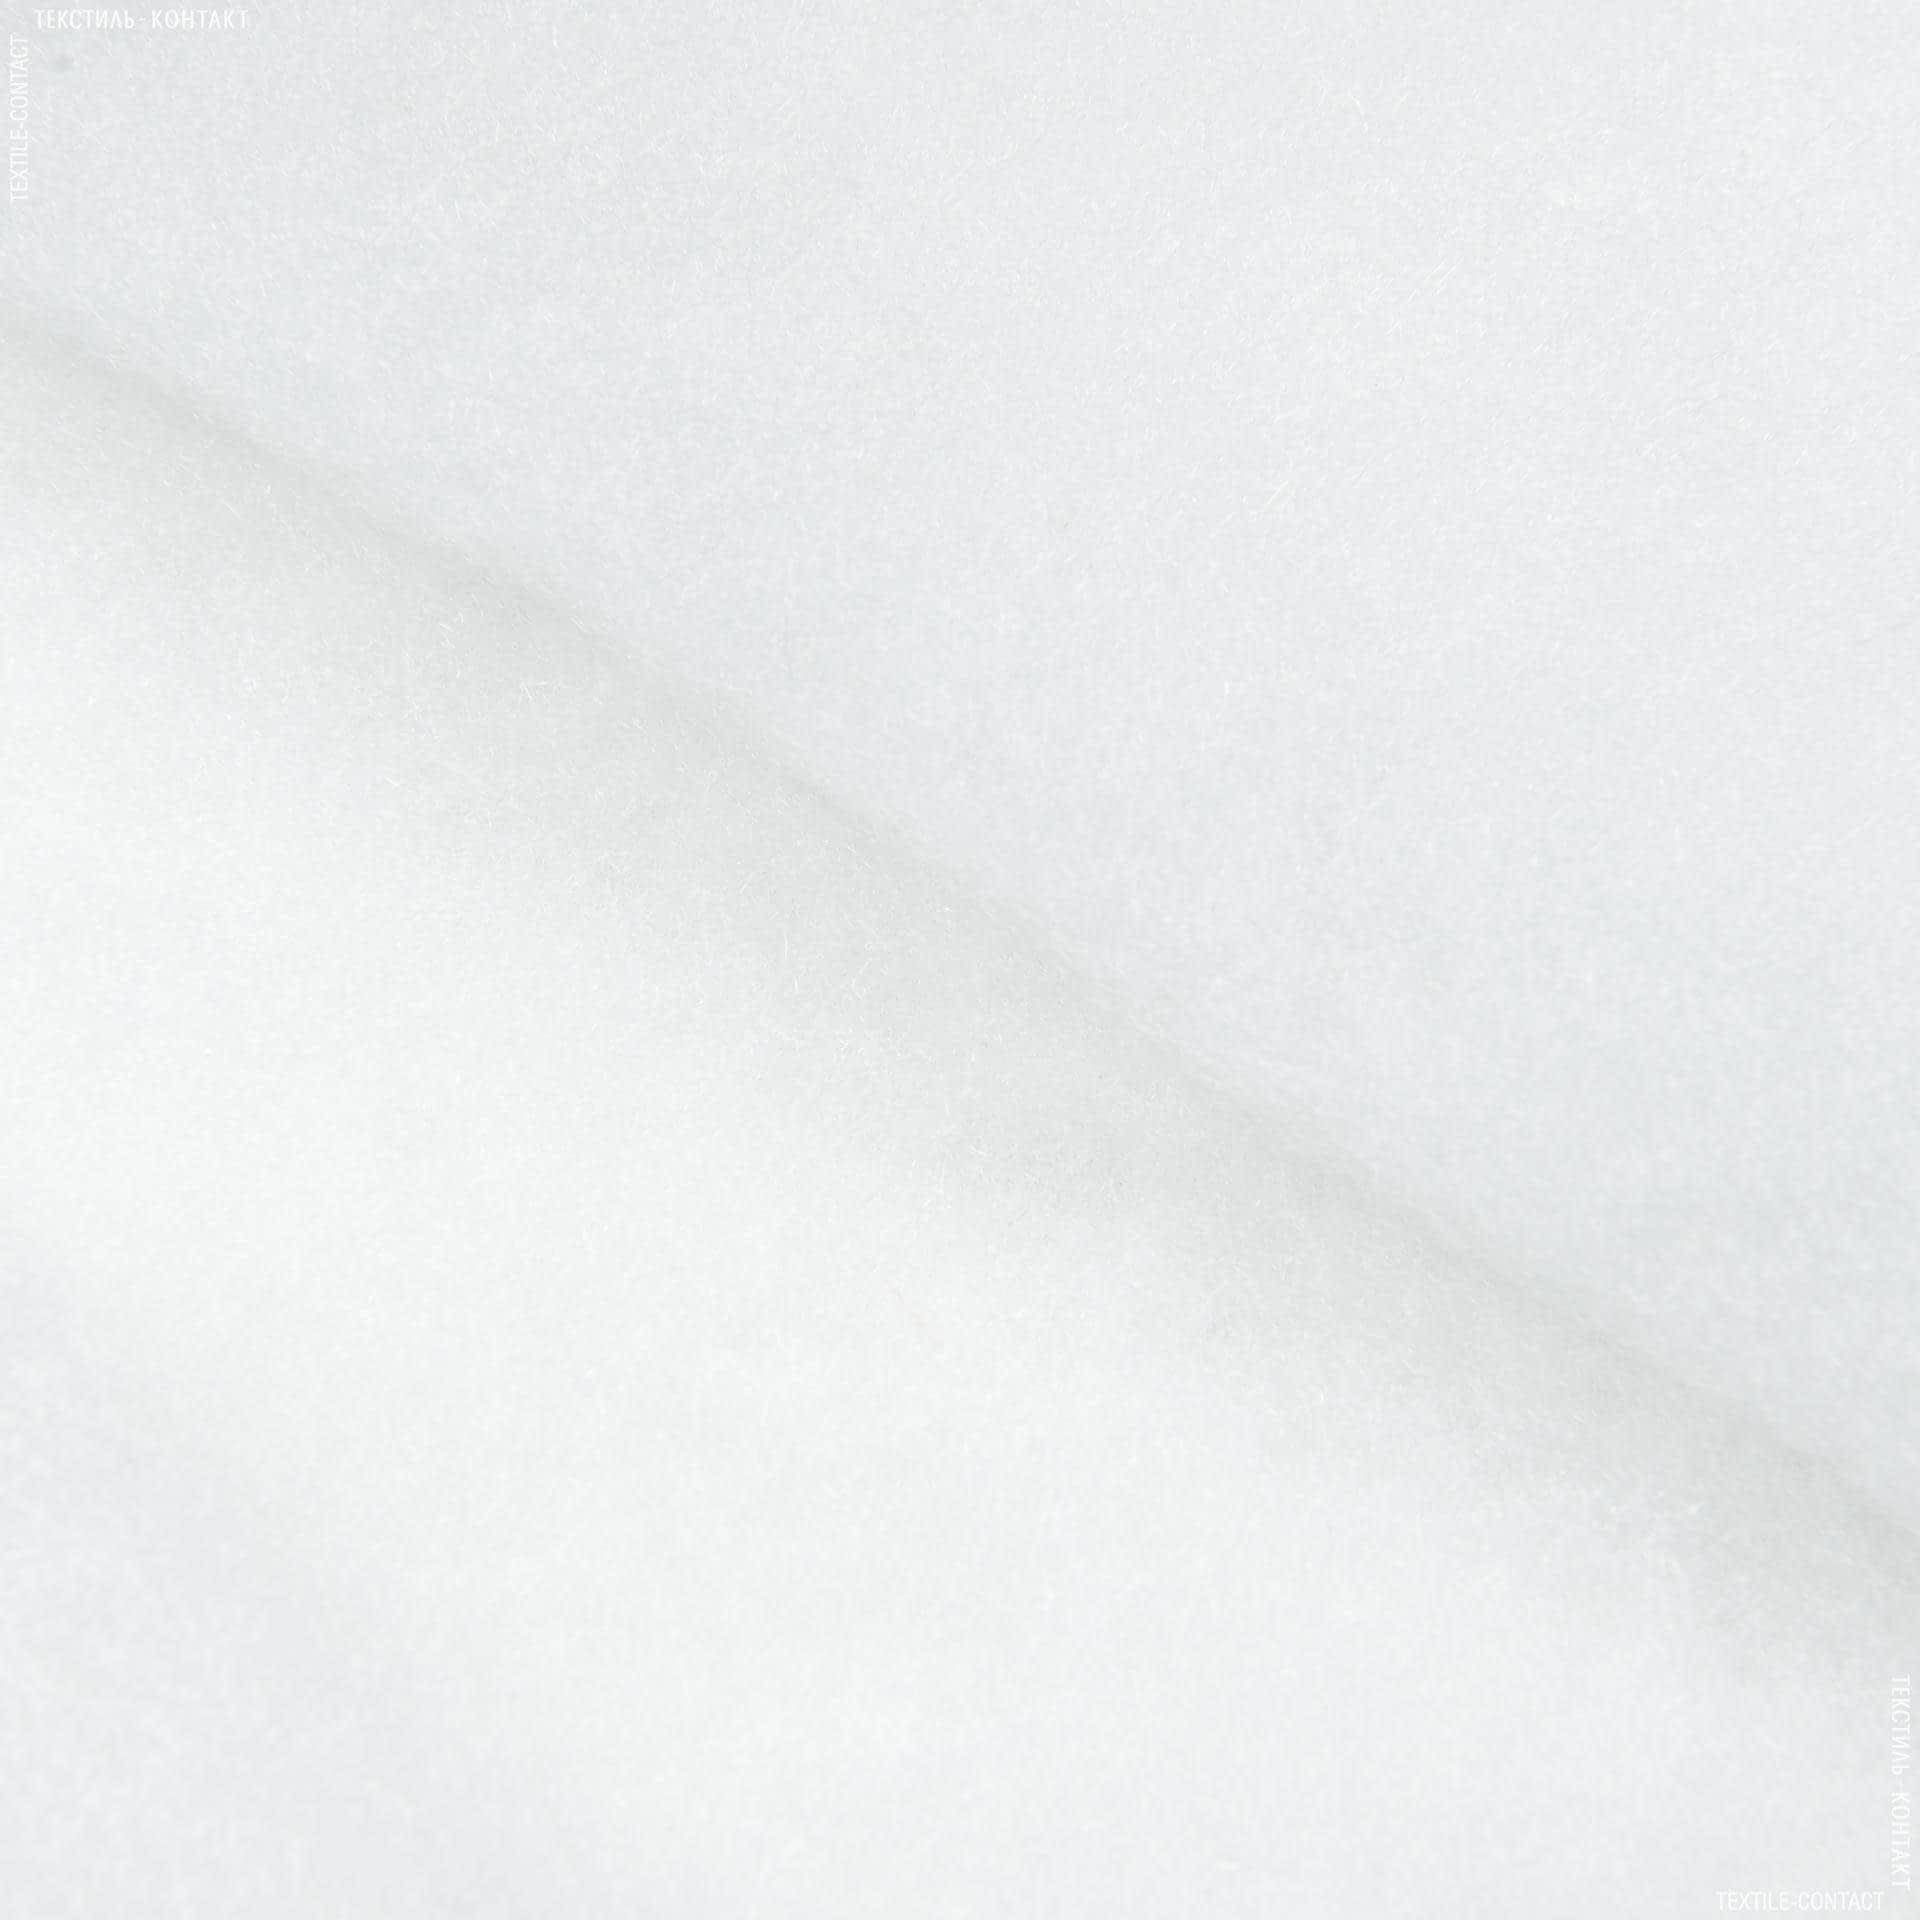 Ткани синтепон - Синтепон 100г/м термоскрепленый